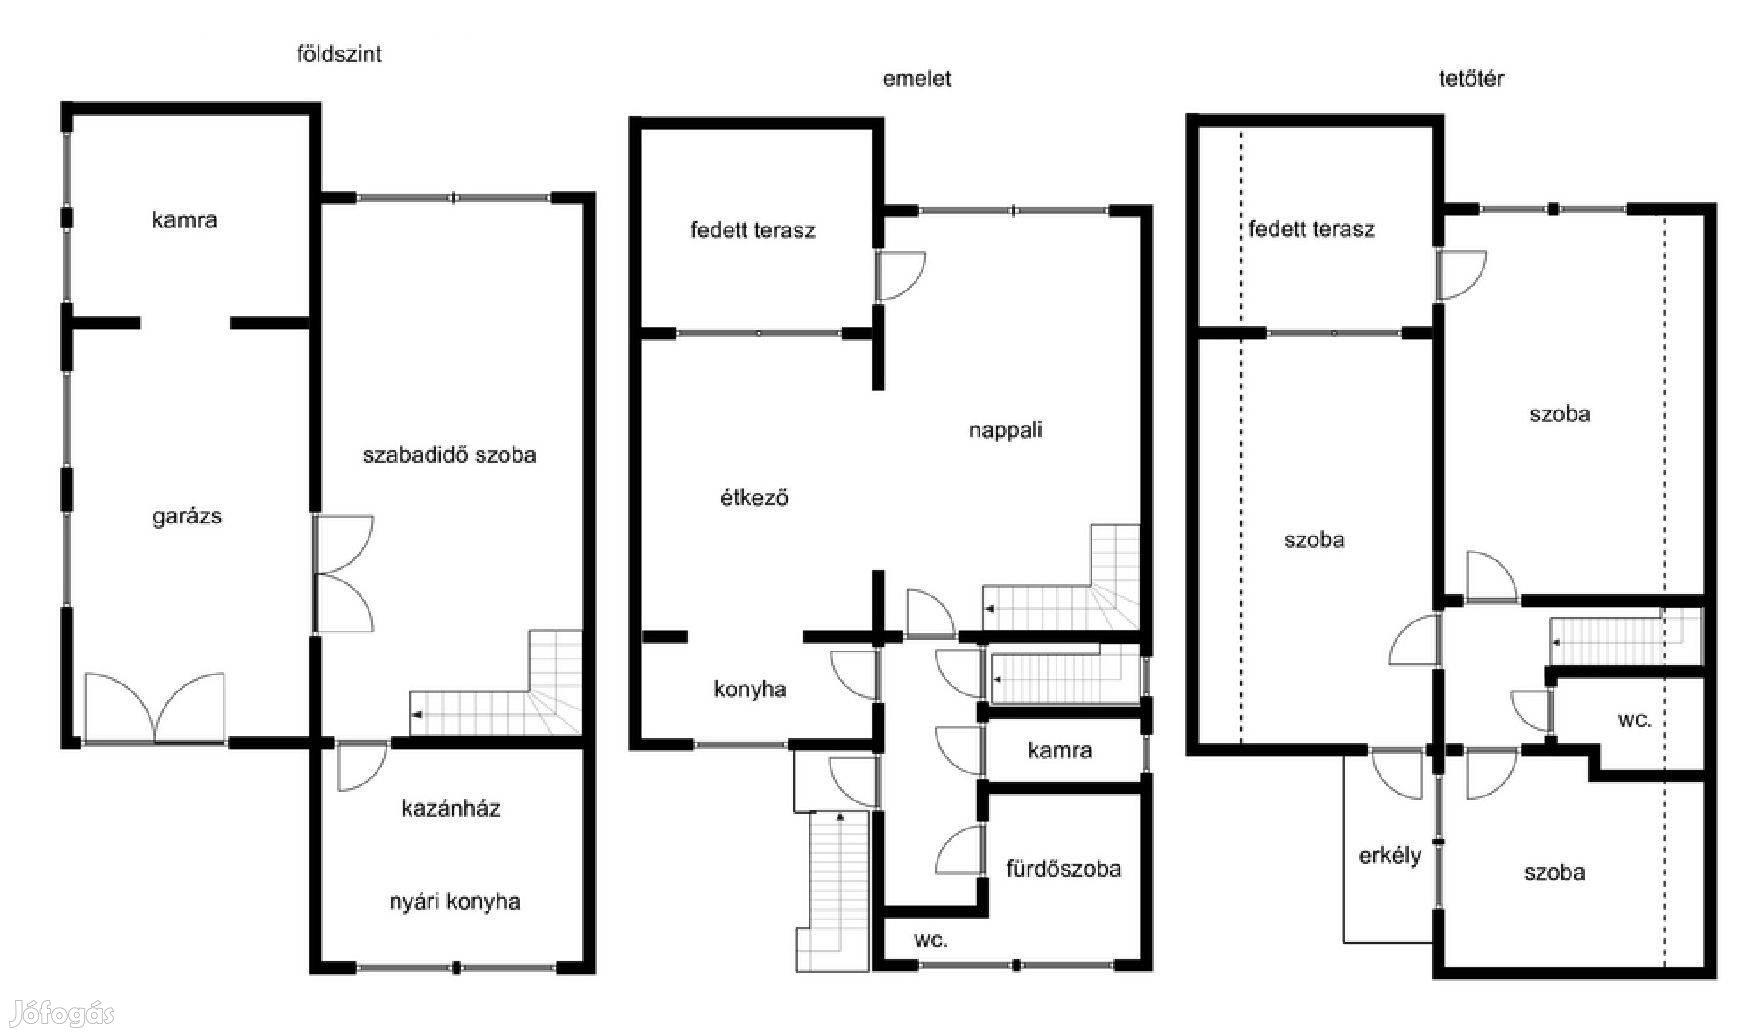 Békéscsabán, 200 m2-es családi ház az I. kerületben